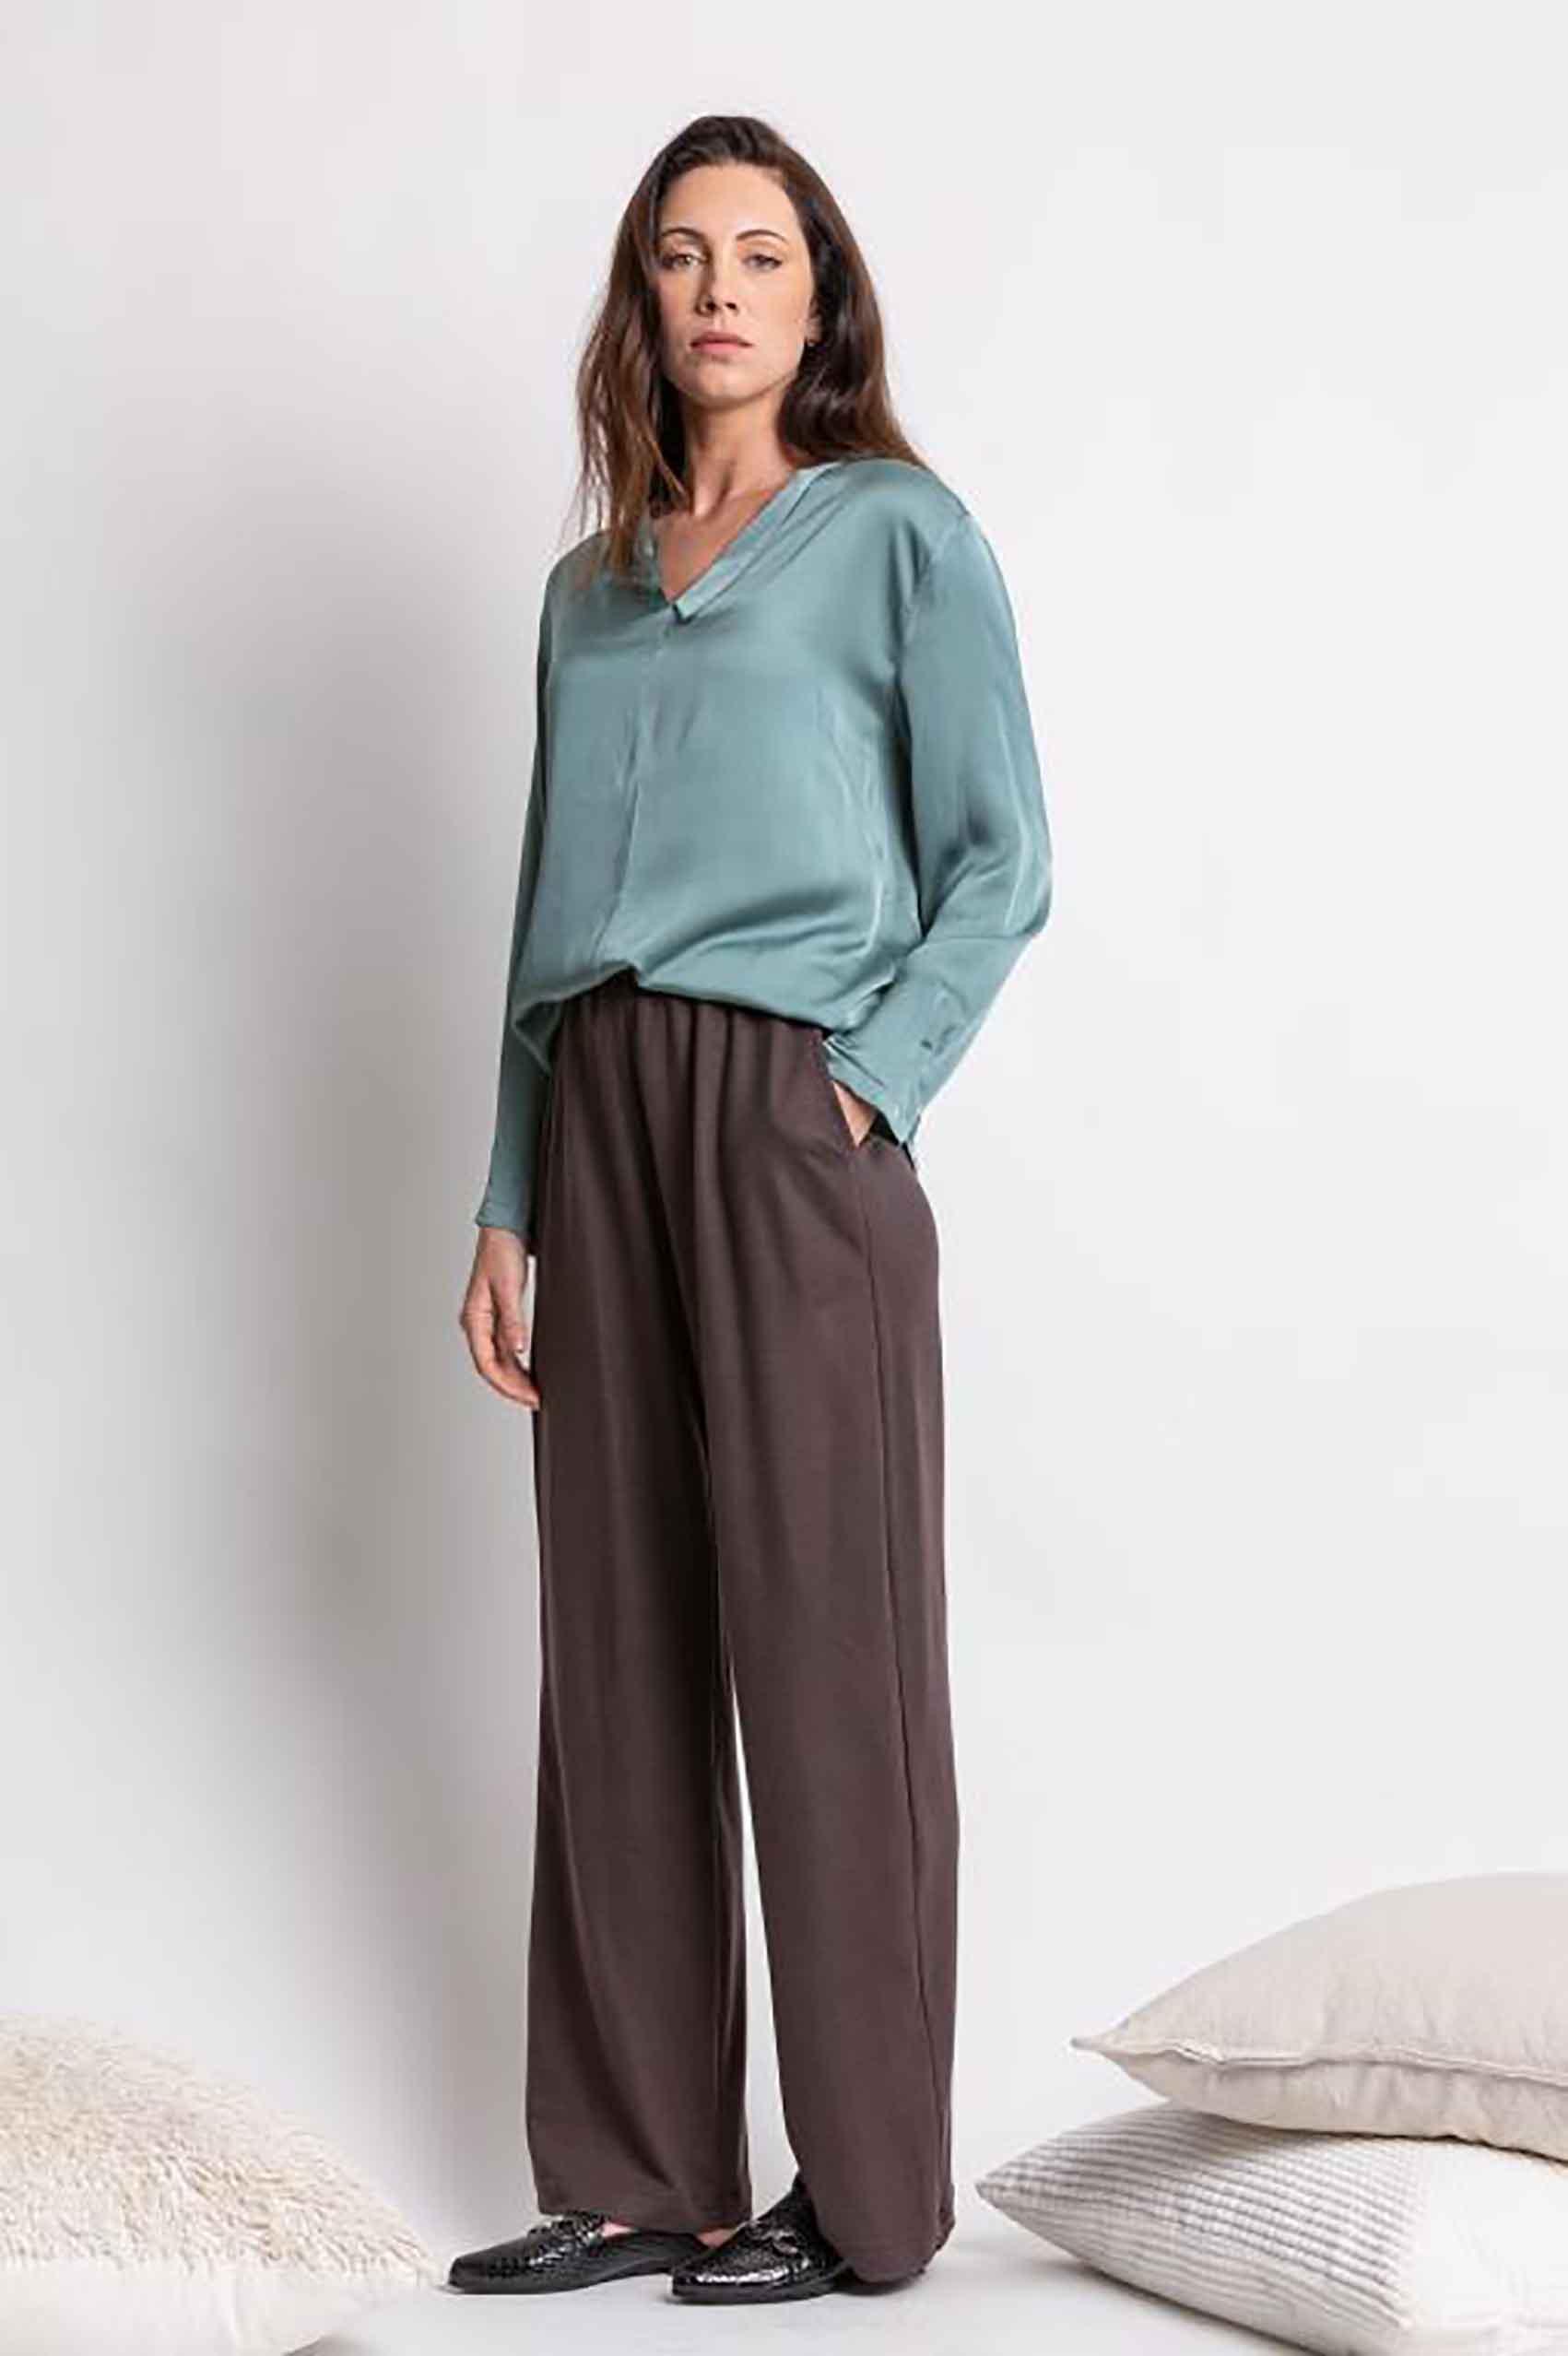 FLO-BY-ELLA-BRAITMAN-חולצה-חדשות-האופנה